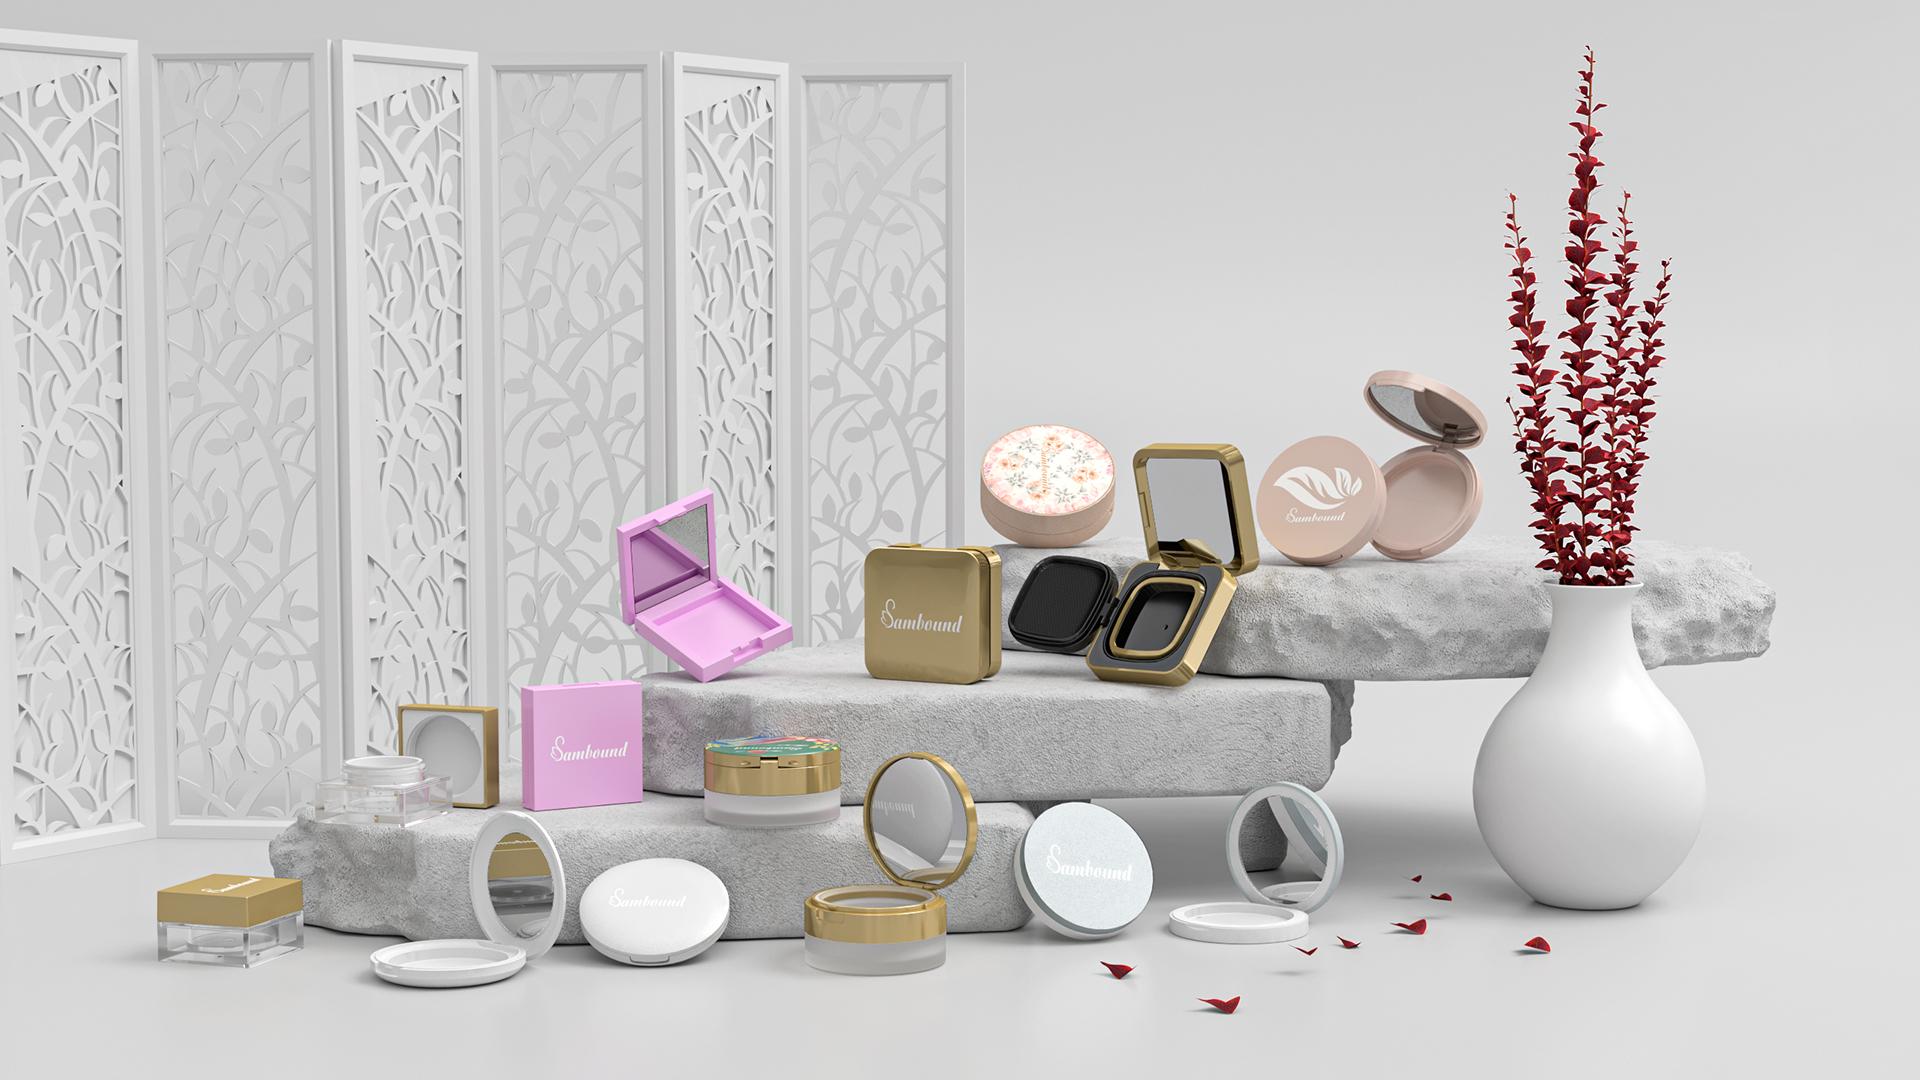 化妆品包装供应商哪家强